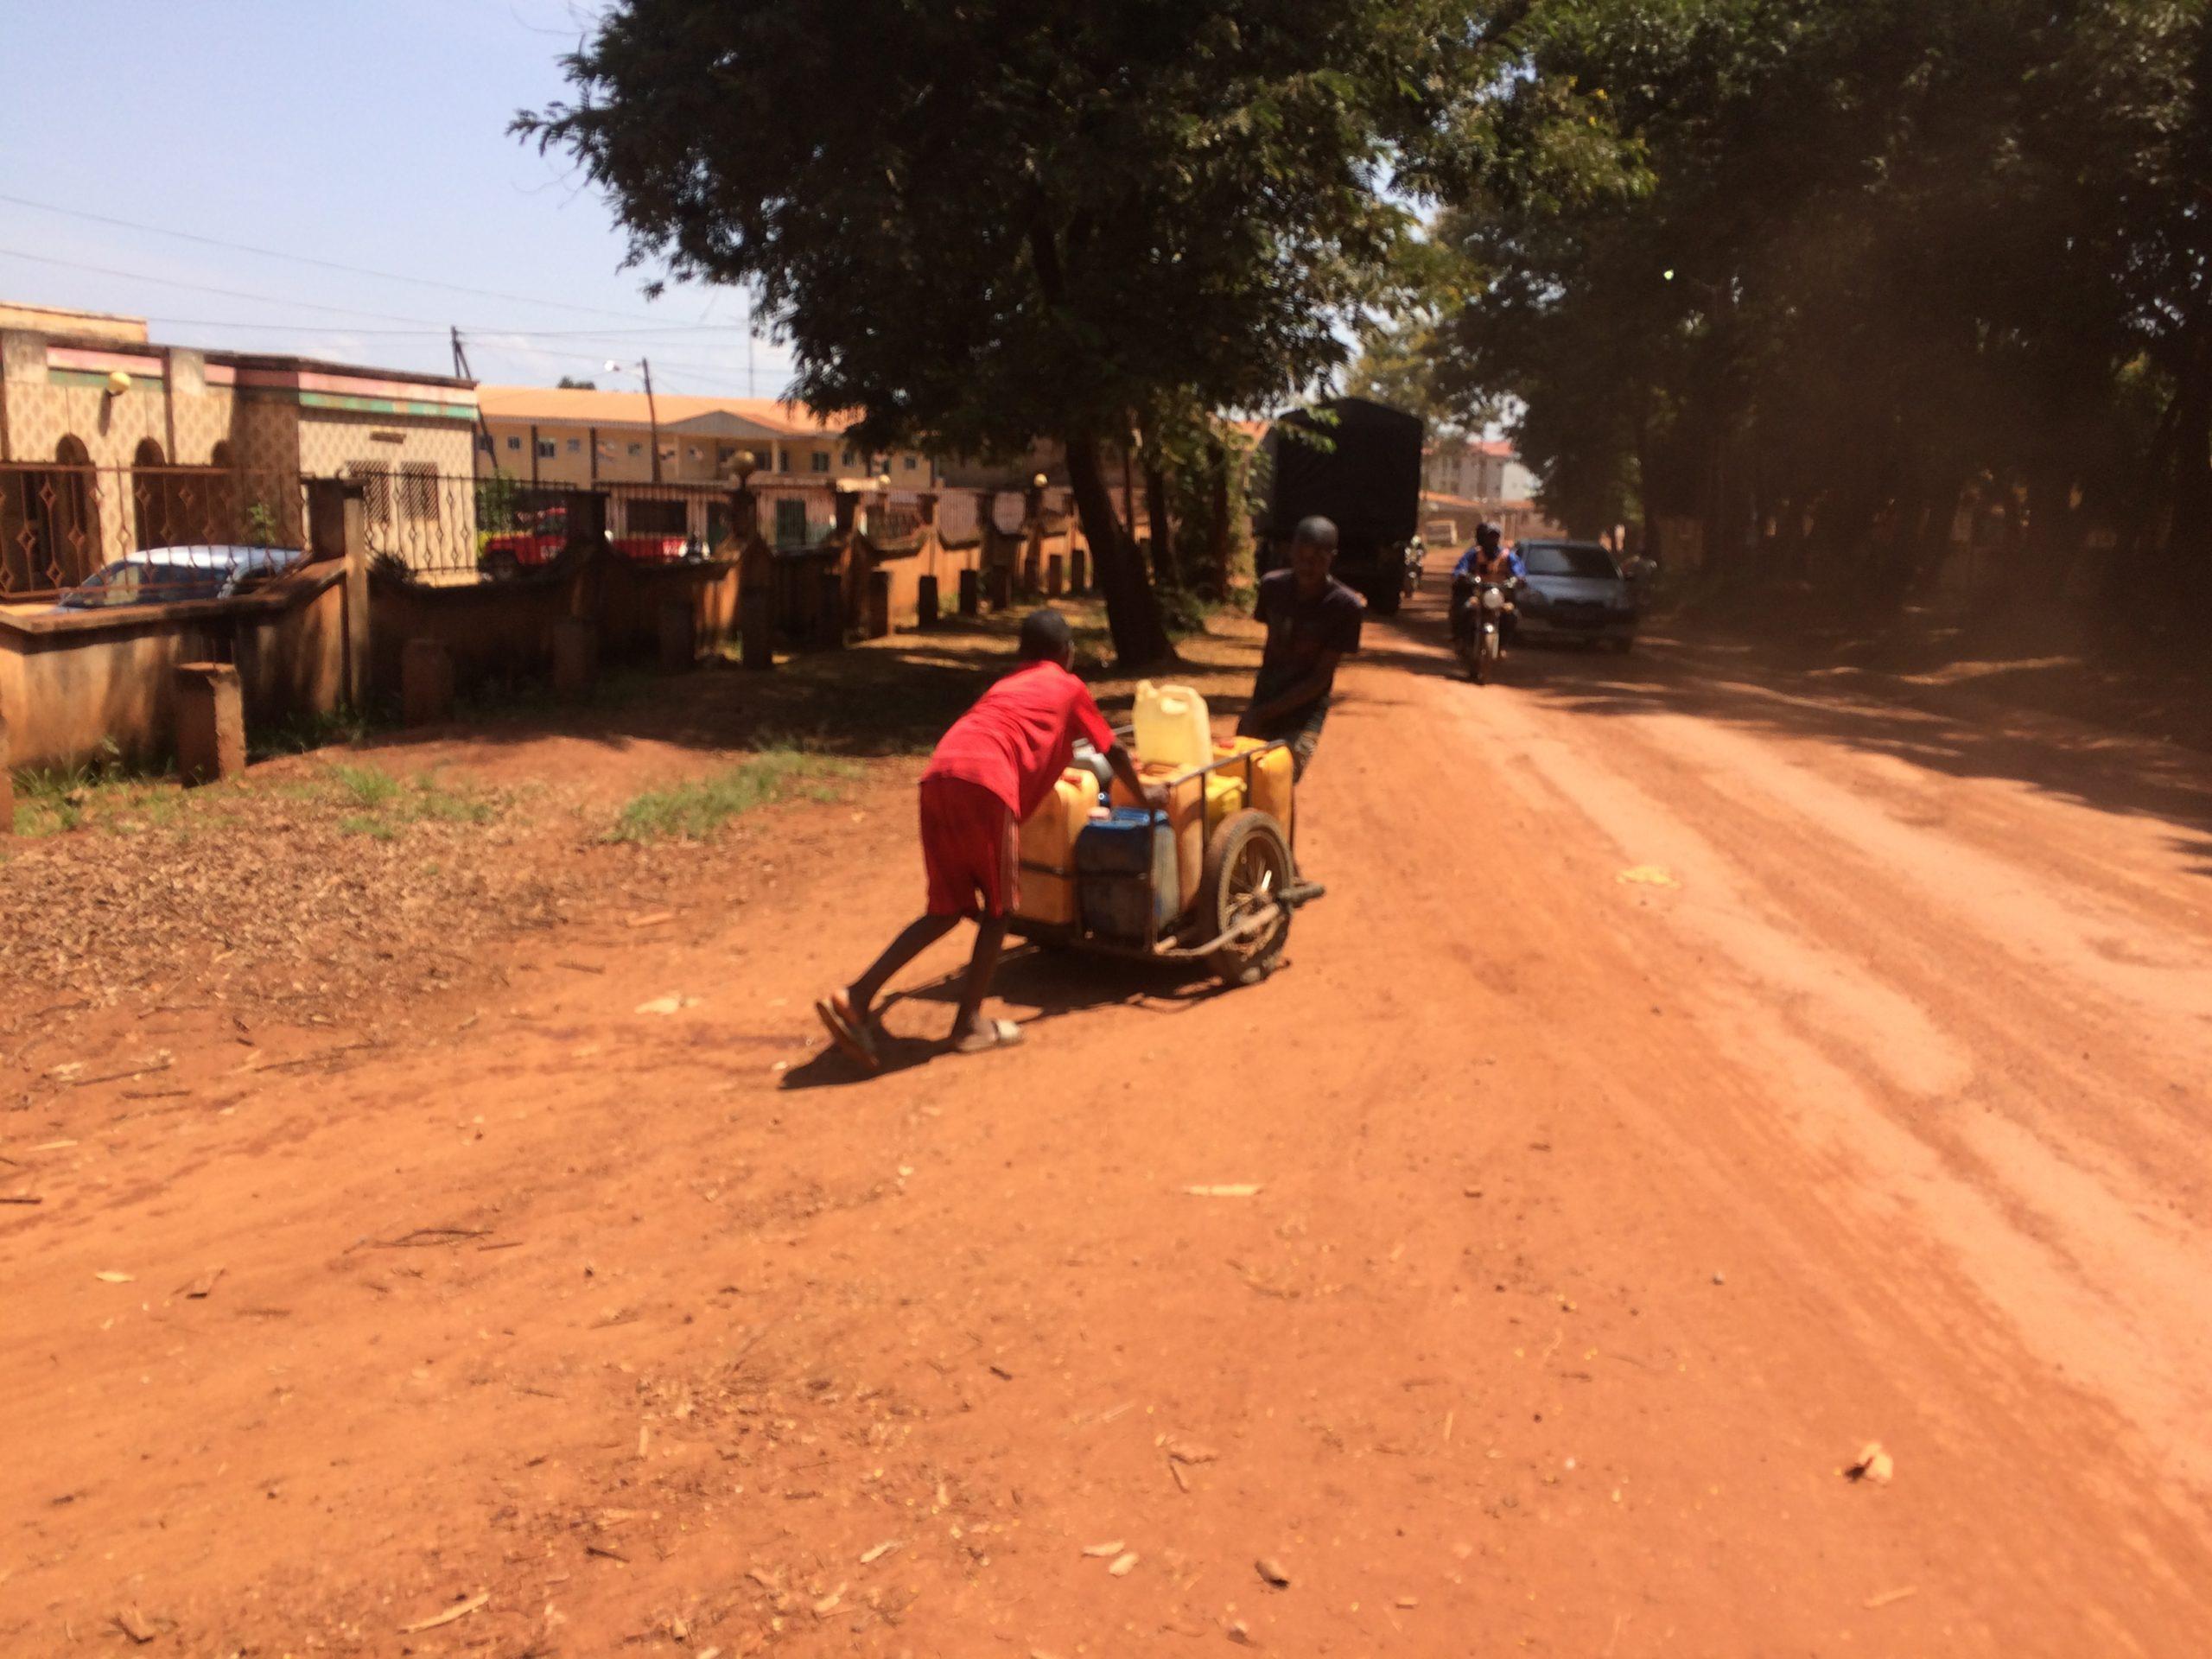 Penurie d'eau à Ngaoundéré. Des jeunes à la quête du précieux liquide. Crédit photo: Moustapha Oumarou